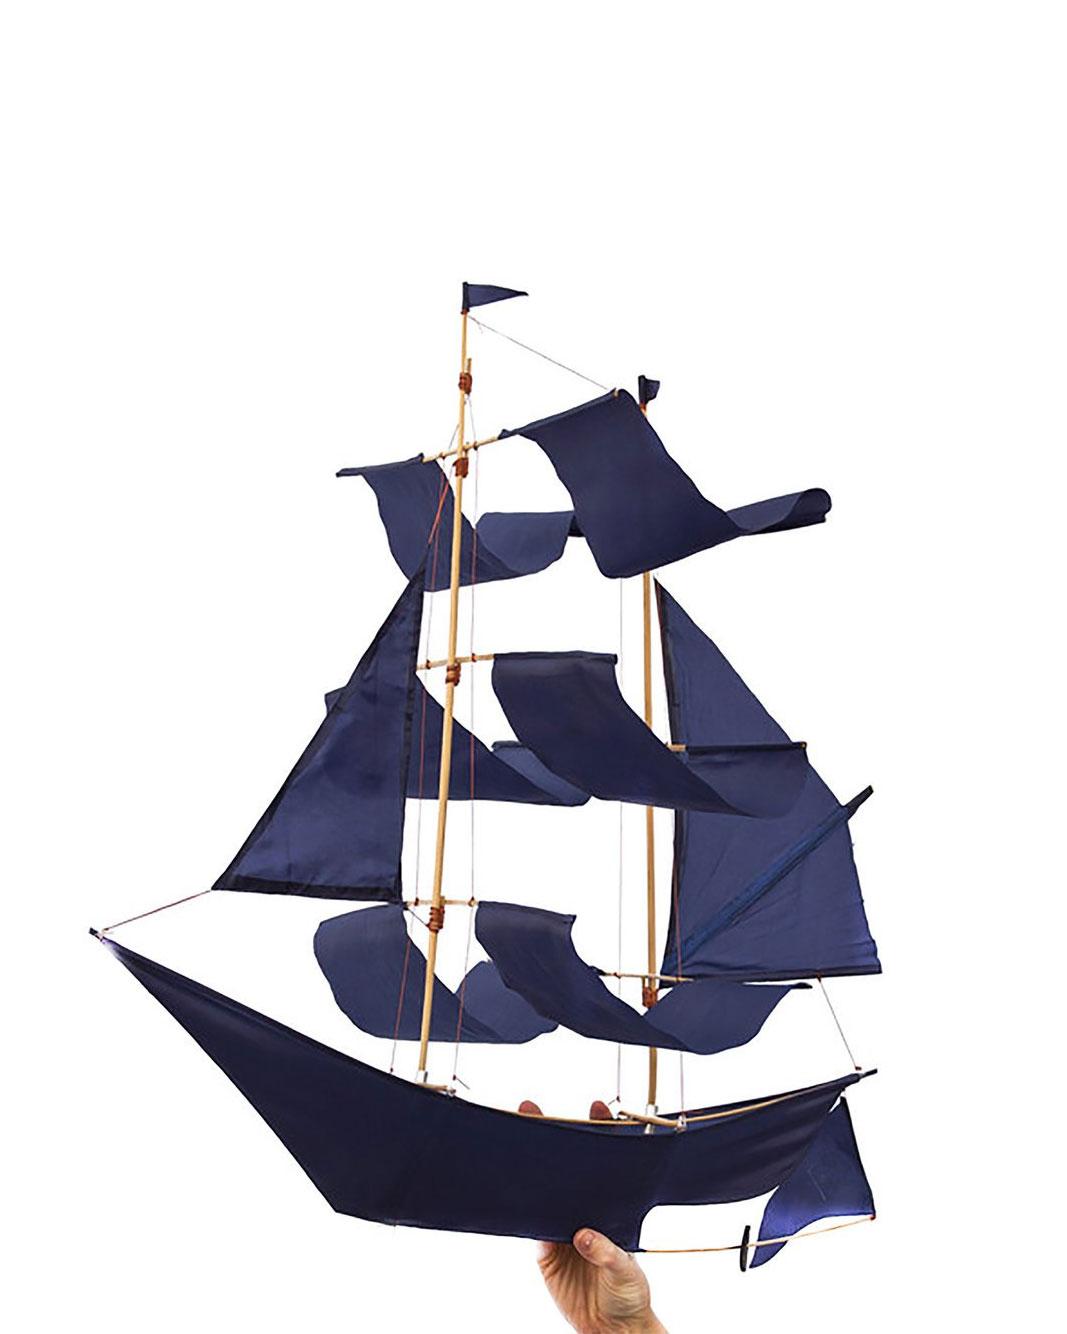 holiday-gift-guide-ring-bearer-kite-1215.jpg